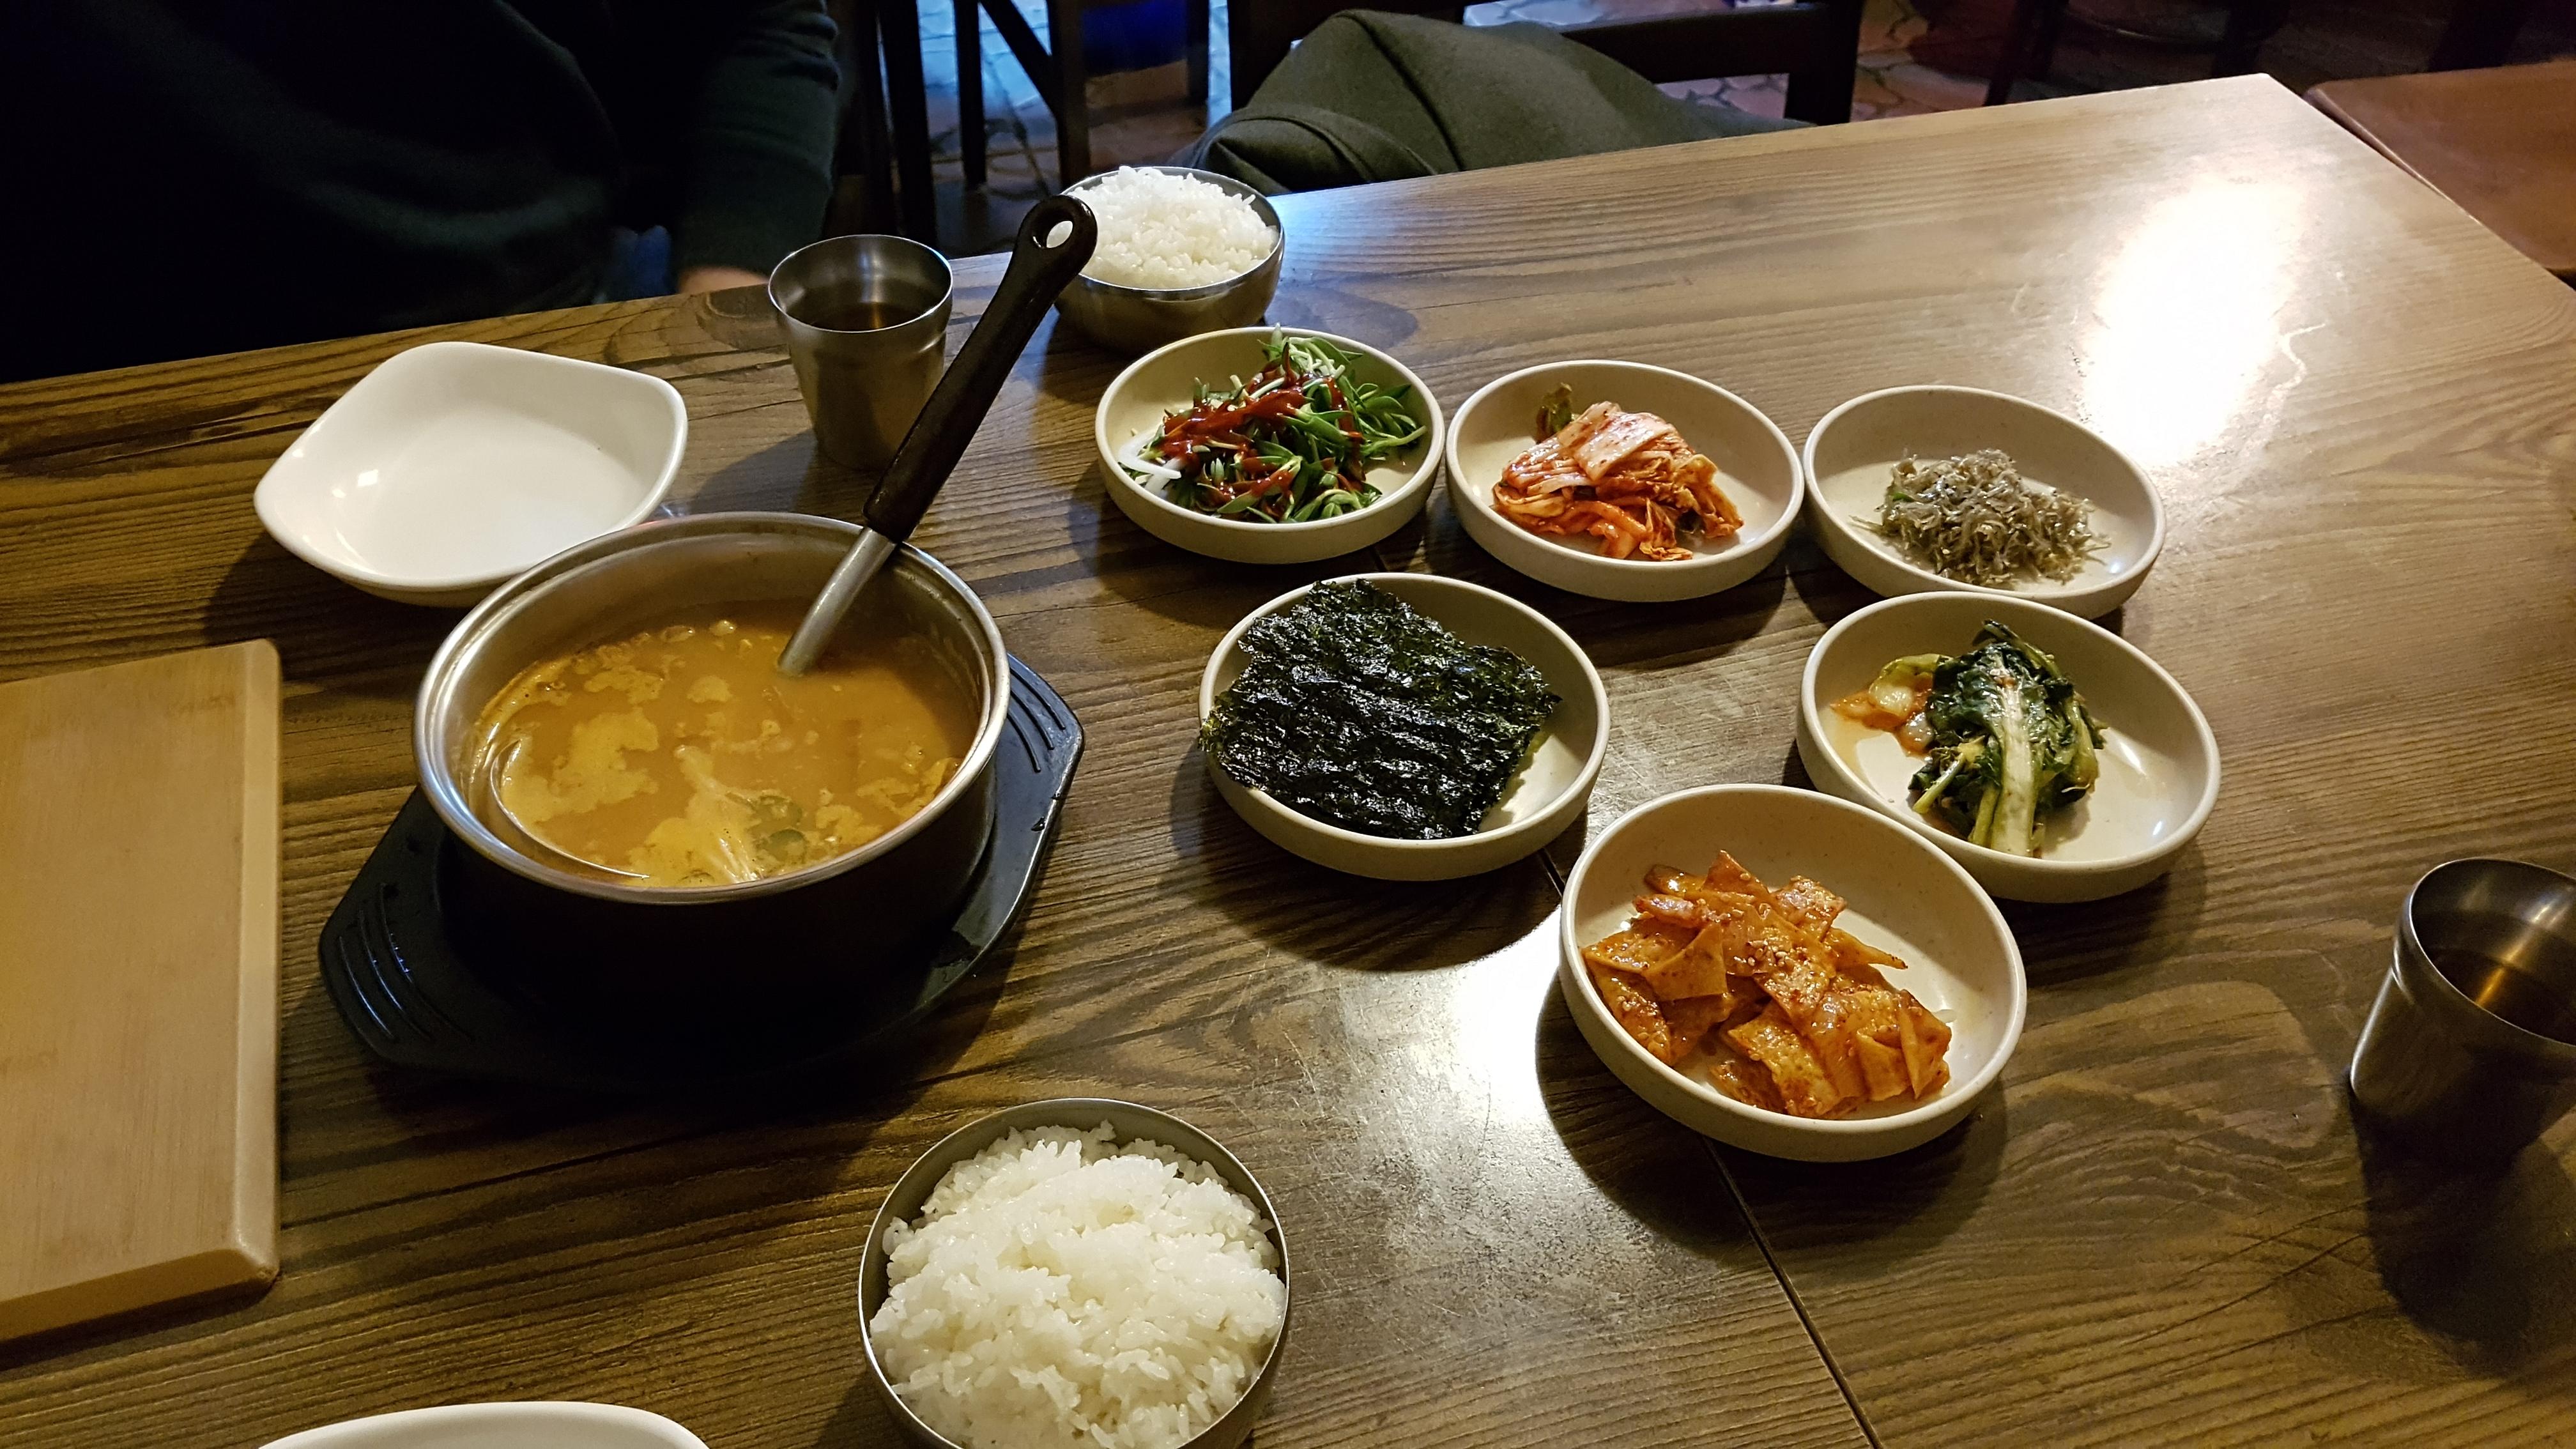 [종로 맛집] 일미식당 - 먹거리X파일 착한식당 청국장 맛집